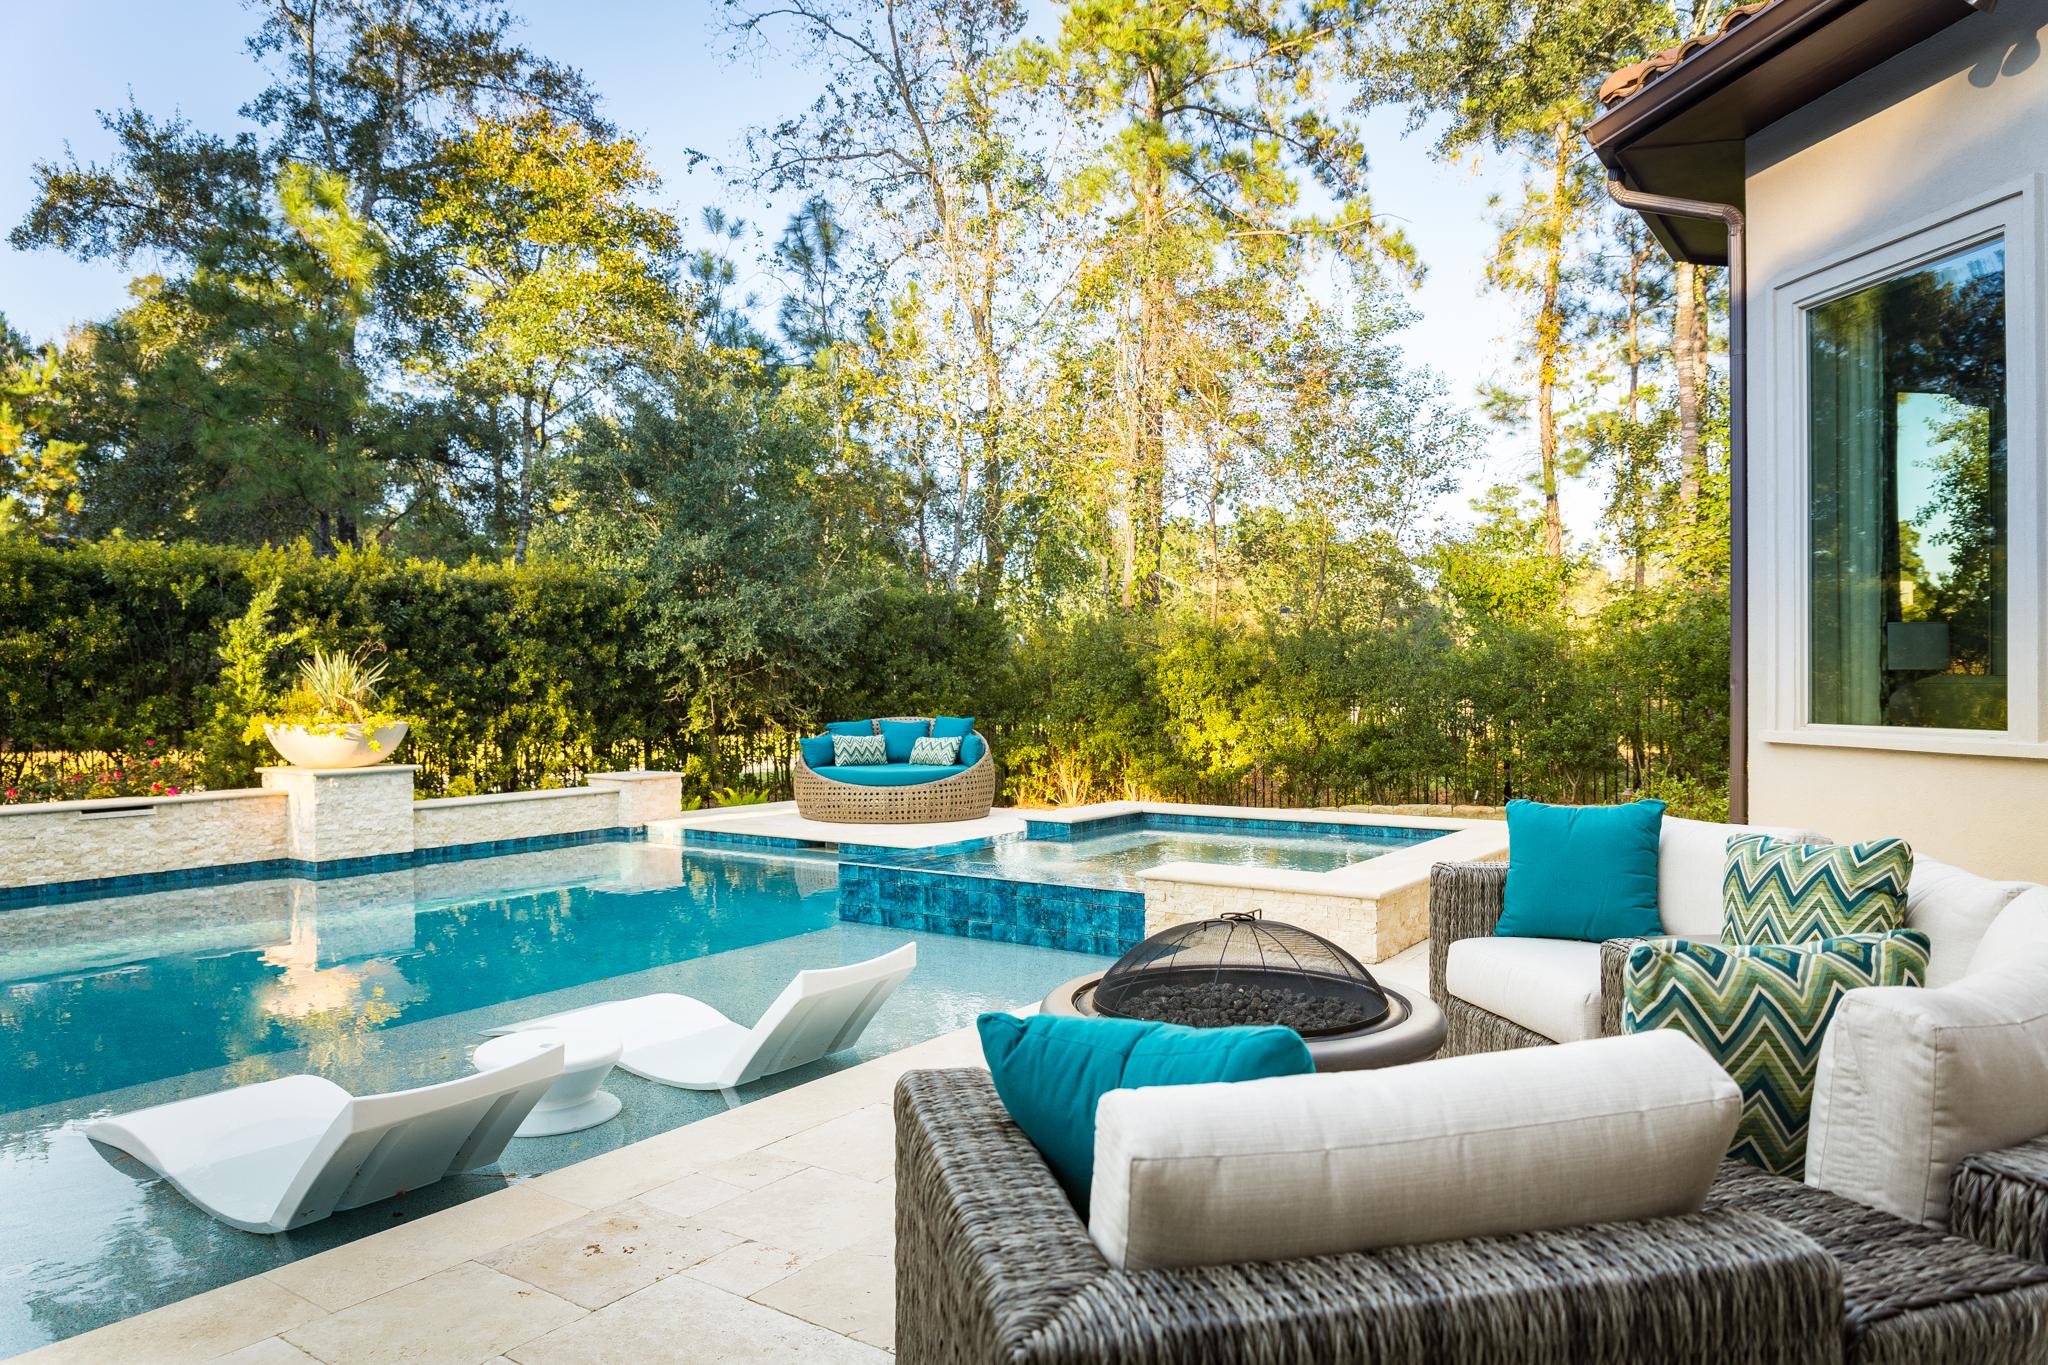 Outdoor Backyard Pool